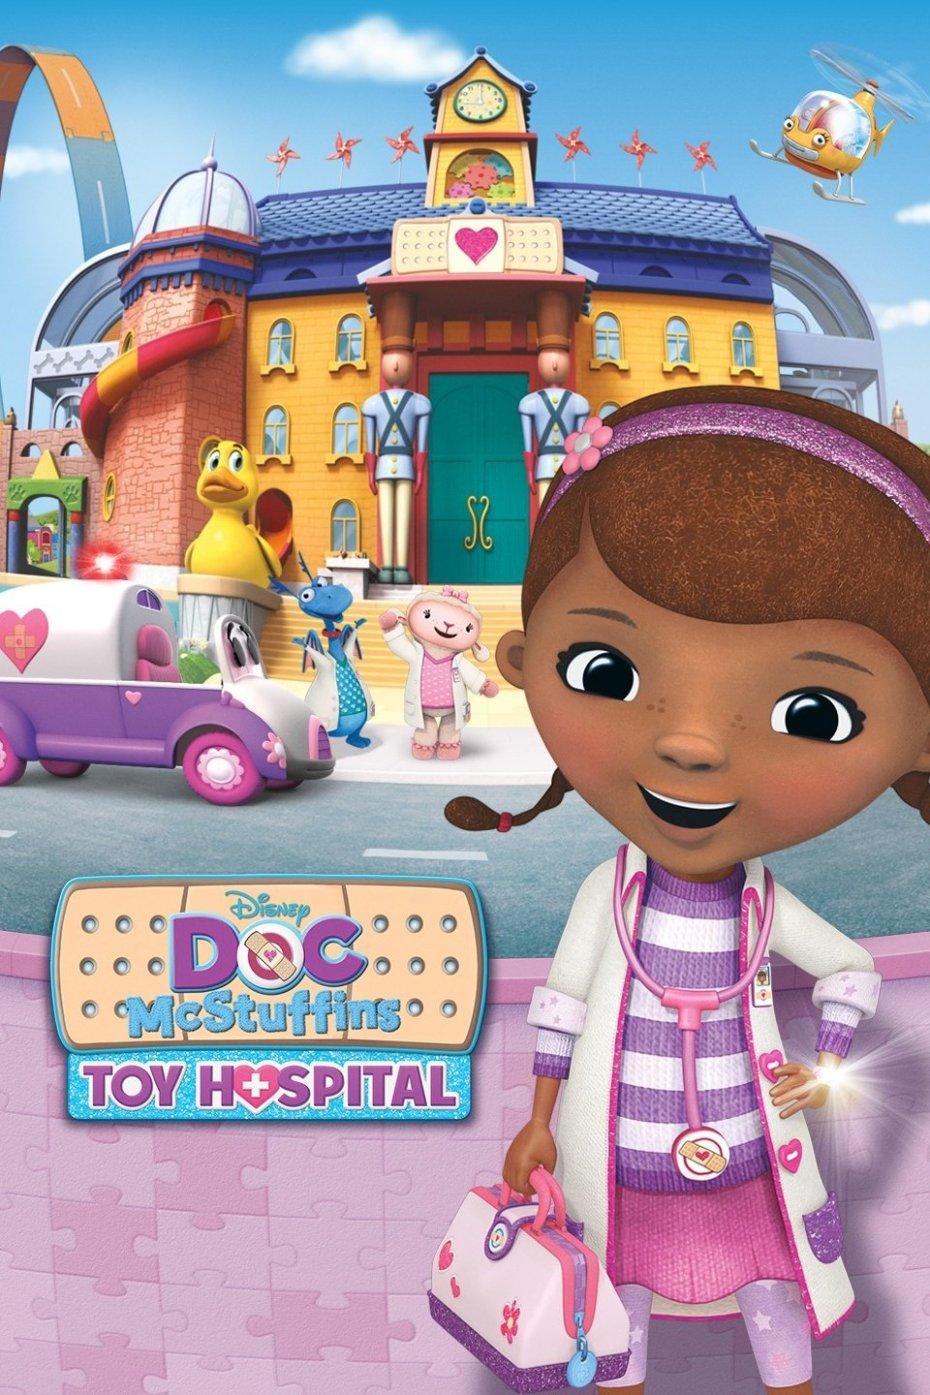 Doc. McStuffins, a TV Show on Disney